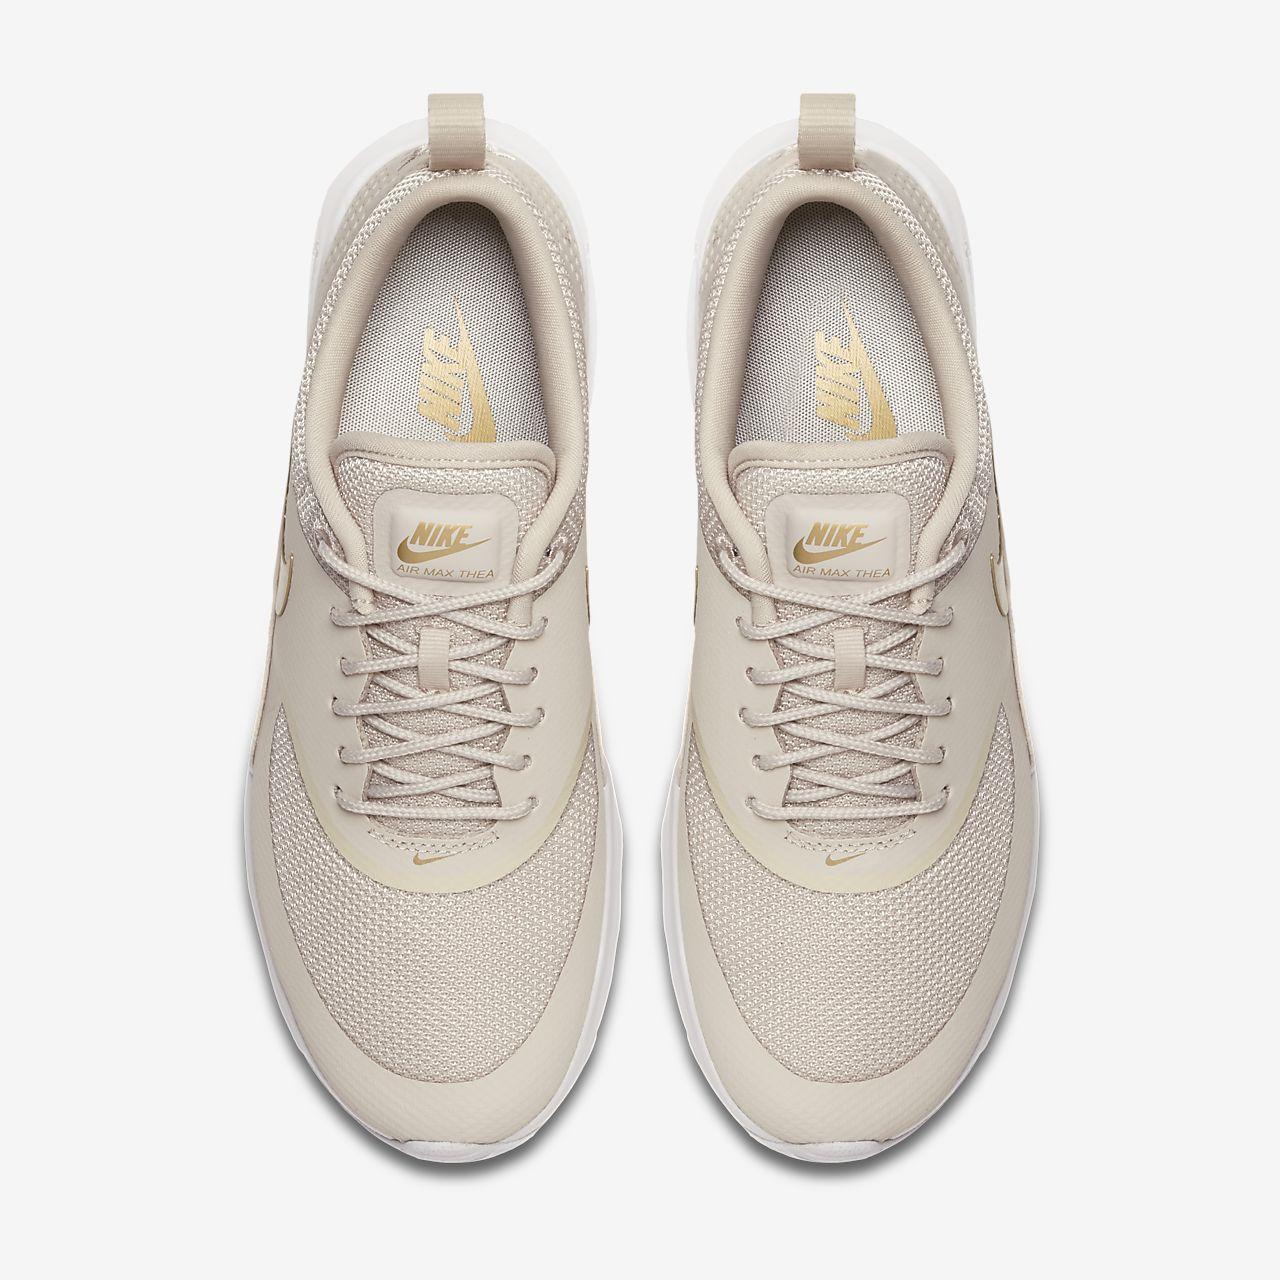 Scarpe da donna Nike Wmns Air Max Thea AJ2010 100 | bianco